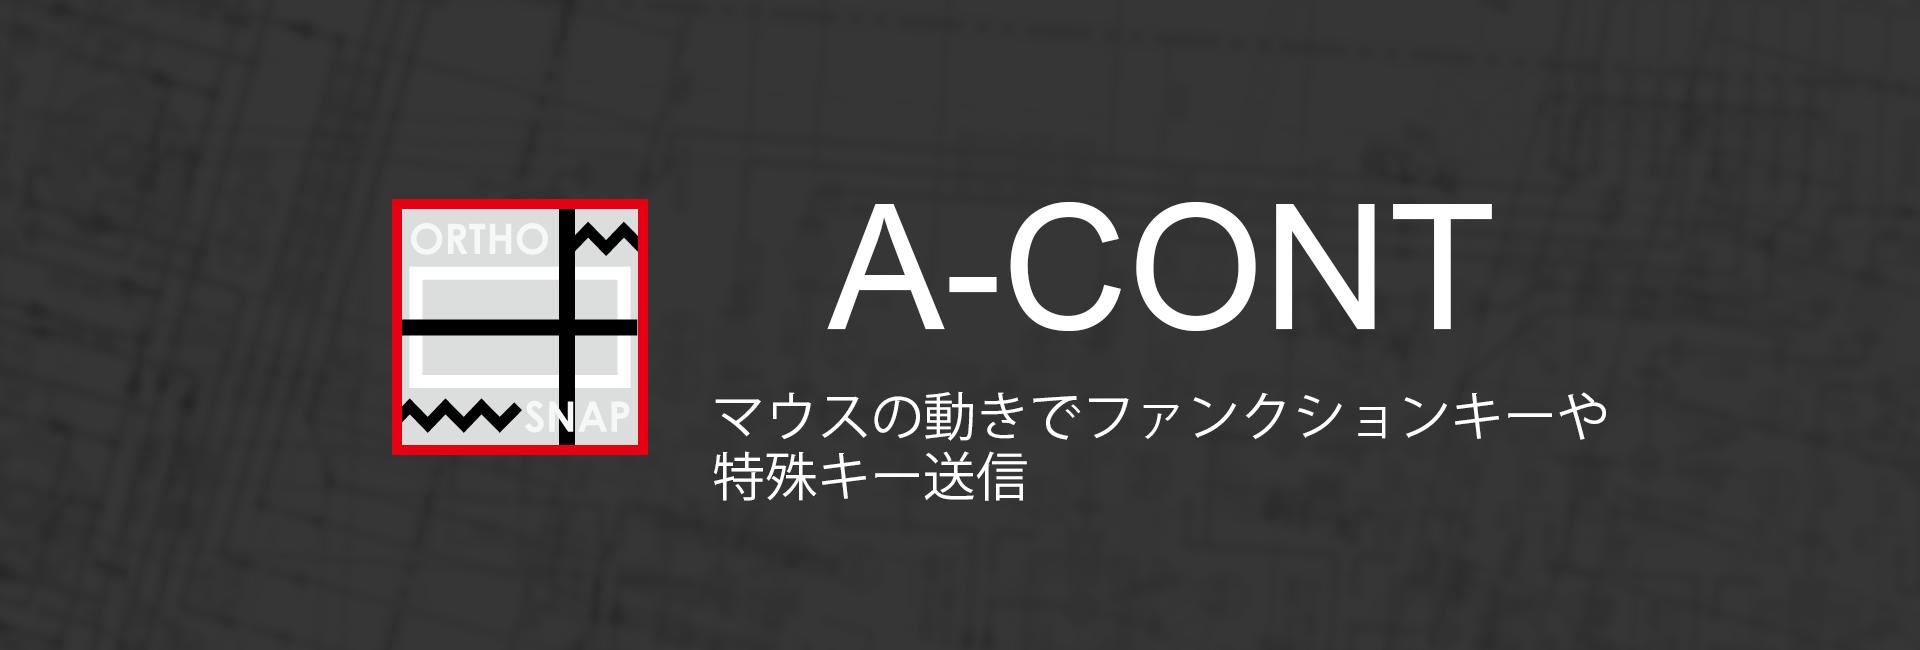 A-CONT